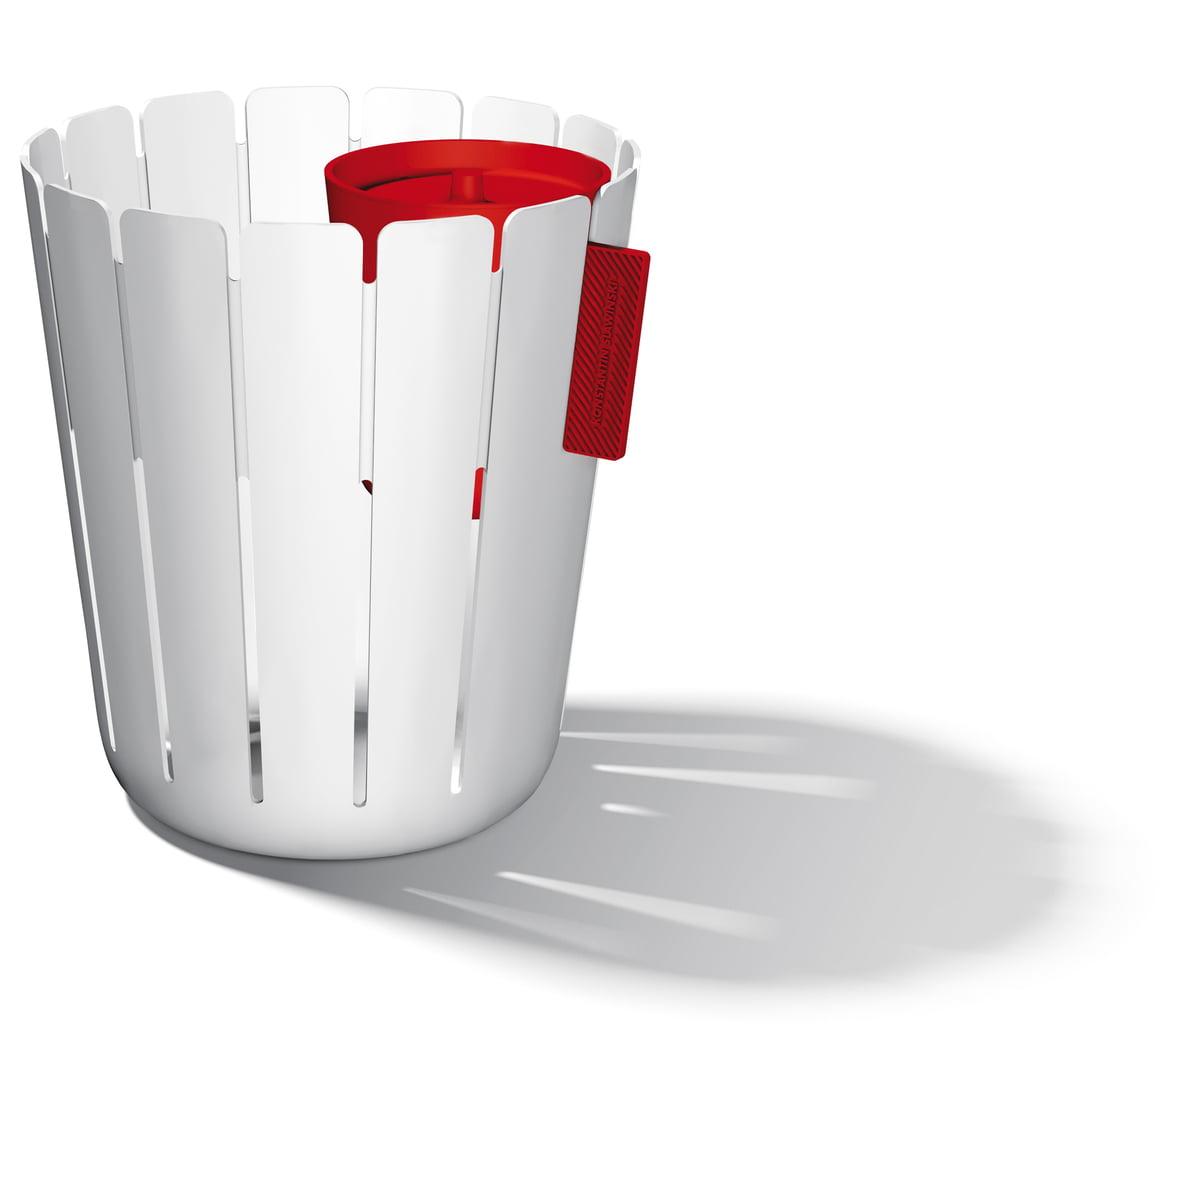 Konstantin Slawinski - SL17 Basketbin Mülleimer-System, weiß / rot (2 Tlg.)   Küche und Esszimmer > Küchen-Zubehör   Weiß   Polypropylen   Konstantin Slawinski